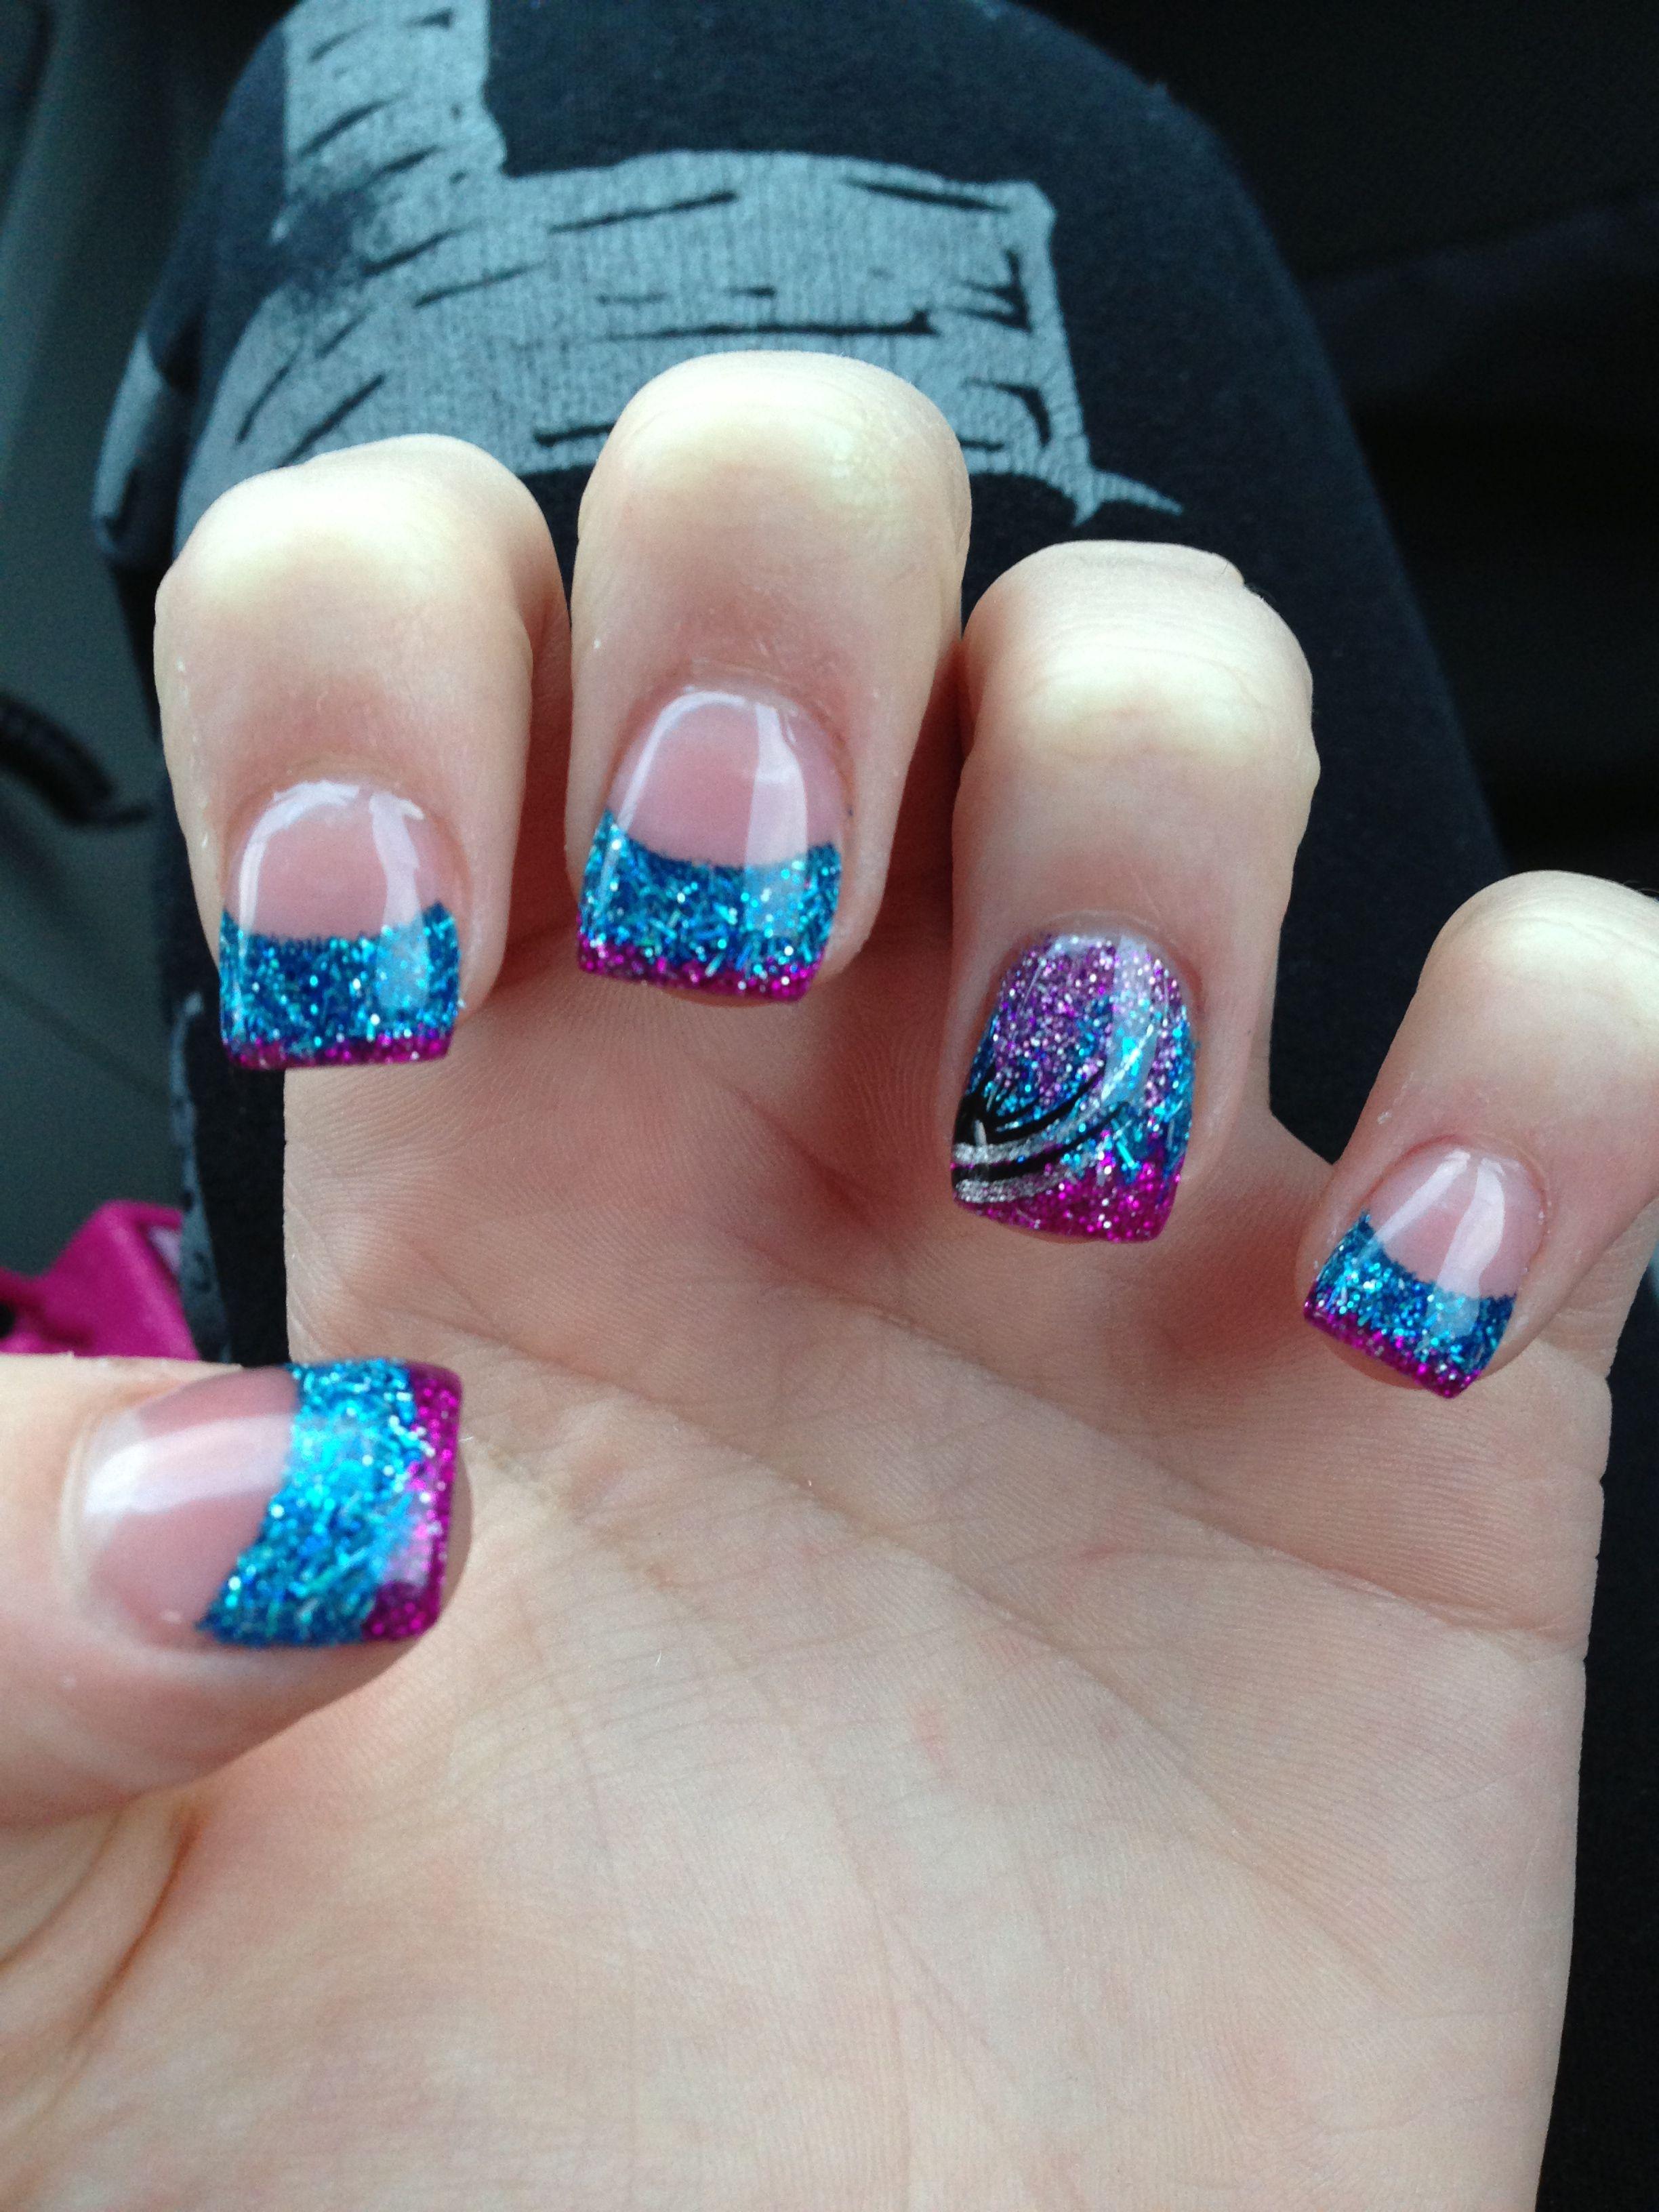 My new Gel nails - Crystal gel Nails | Pinterest - Nagel, Gelnagels ...